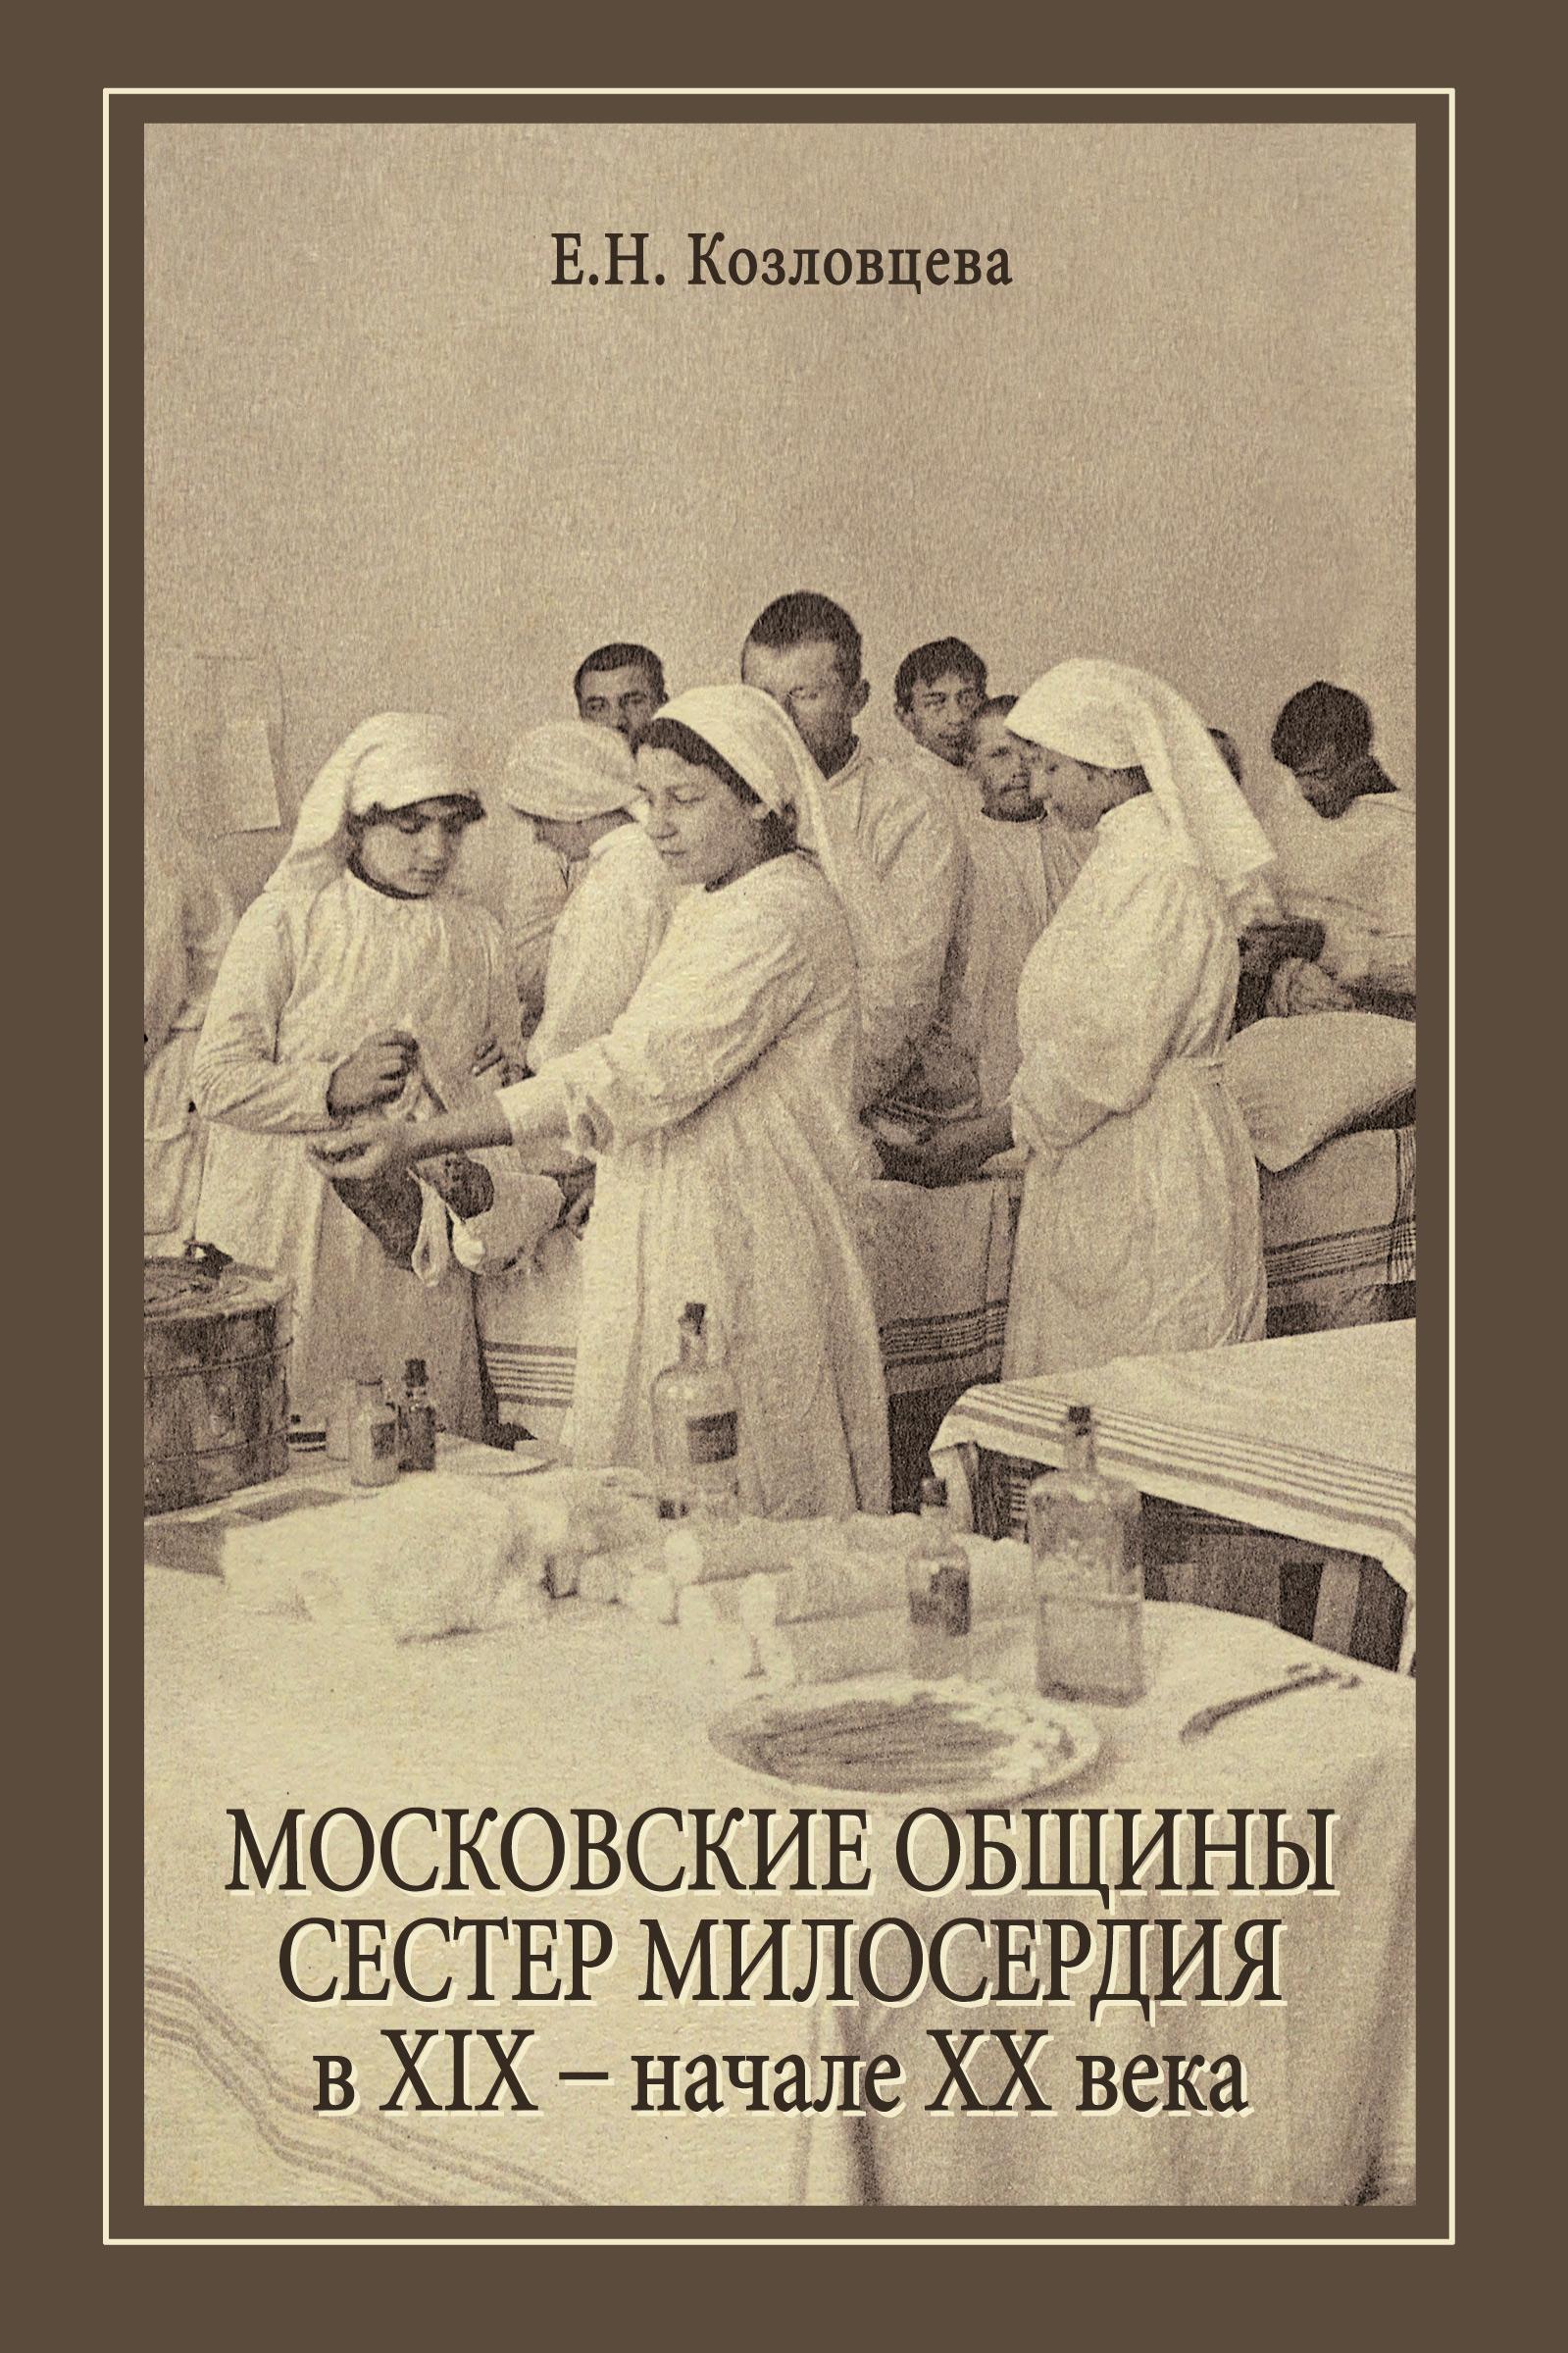 цена Е. Н. Козловцева Московские общины сестер милосердия в XIX – начале ХХ века